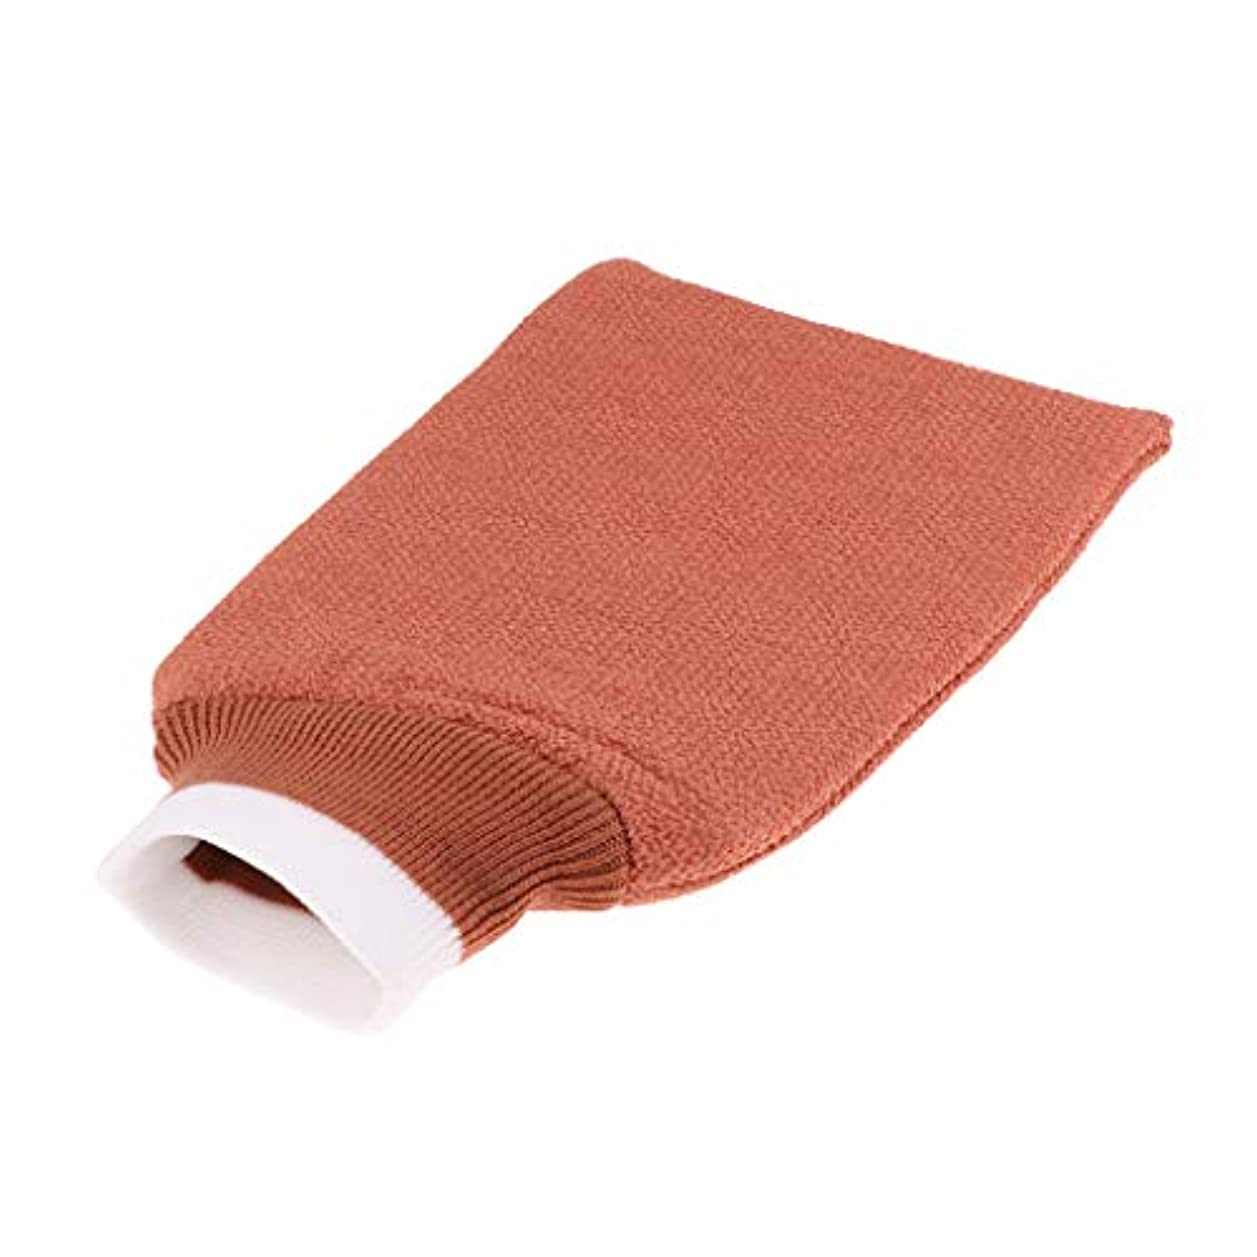 アナニバー司書神経衰弱バスグローブ 浴用手袋 シャワー用 バスミット 垢すり手袋 毛穴清潔 角質除去 男女兼用 全3色 - シャンパン